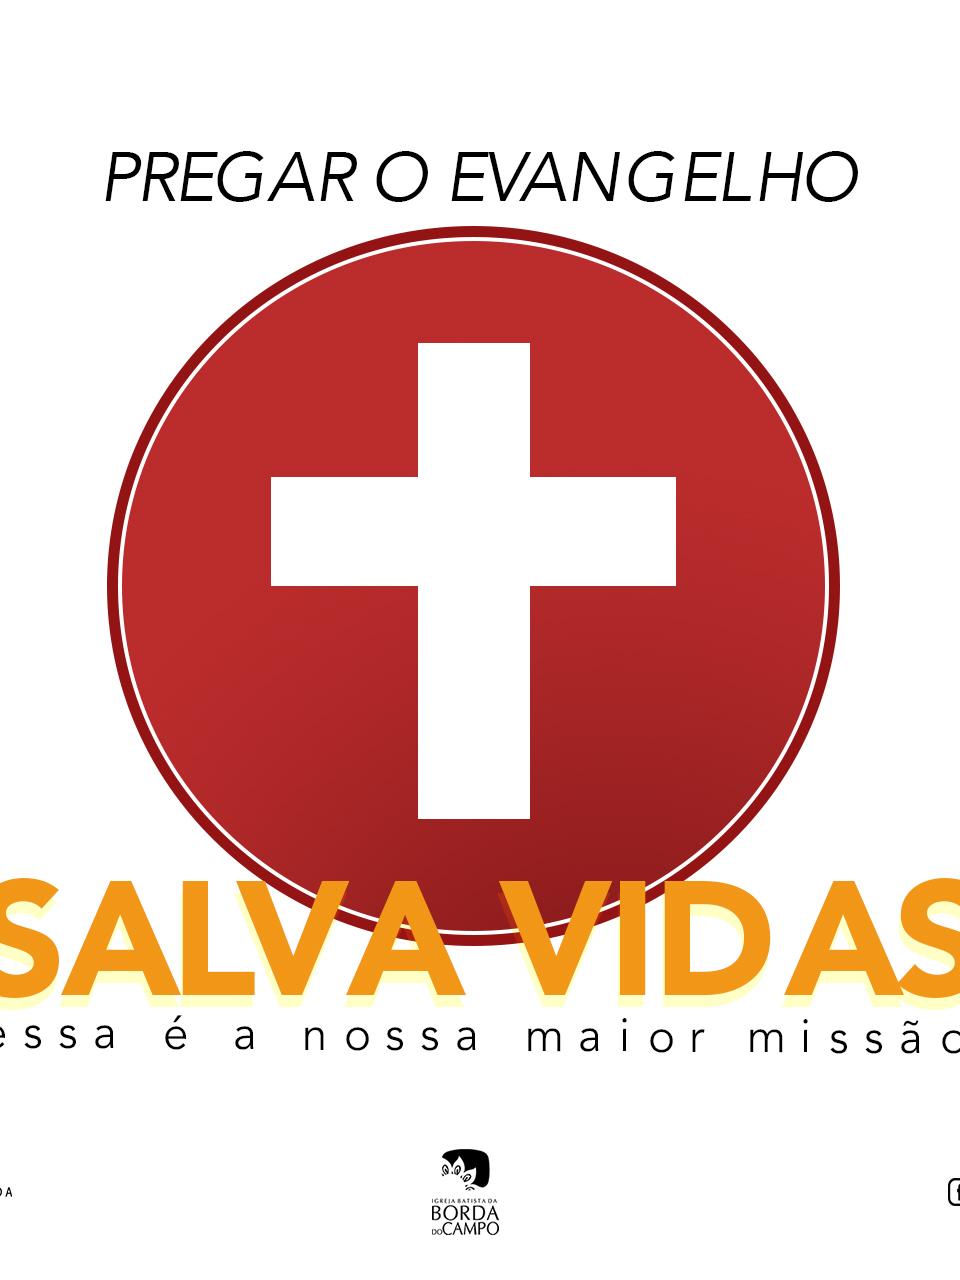 PREGAR O EVANGELHO SALVA VIDAS